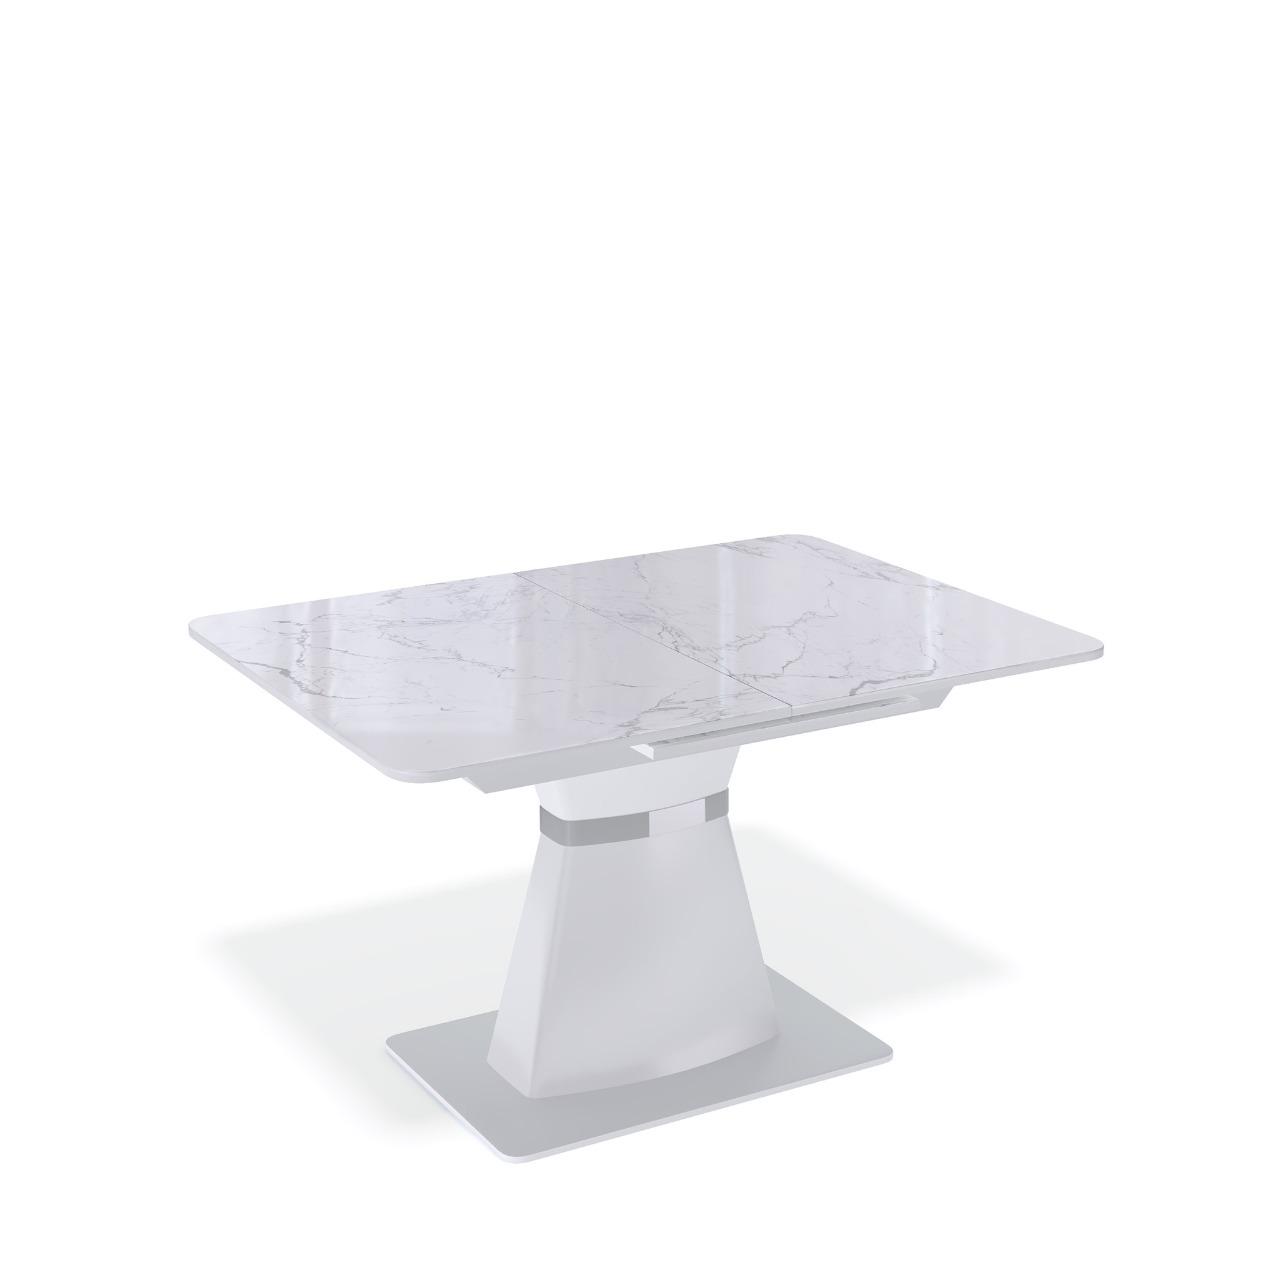 Стол Kenner BS1200 белый/стекло камень белый